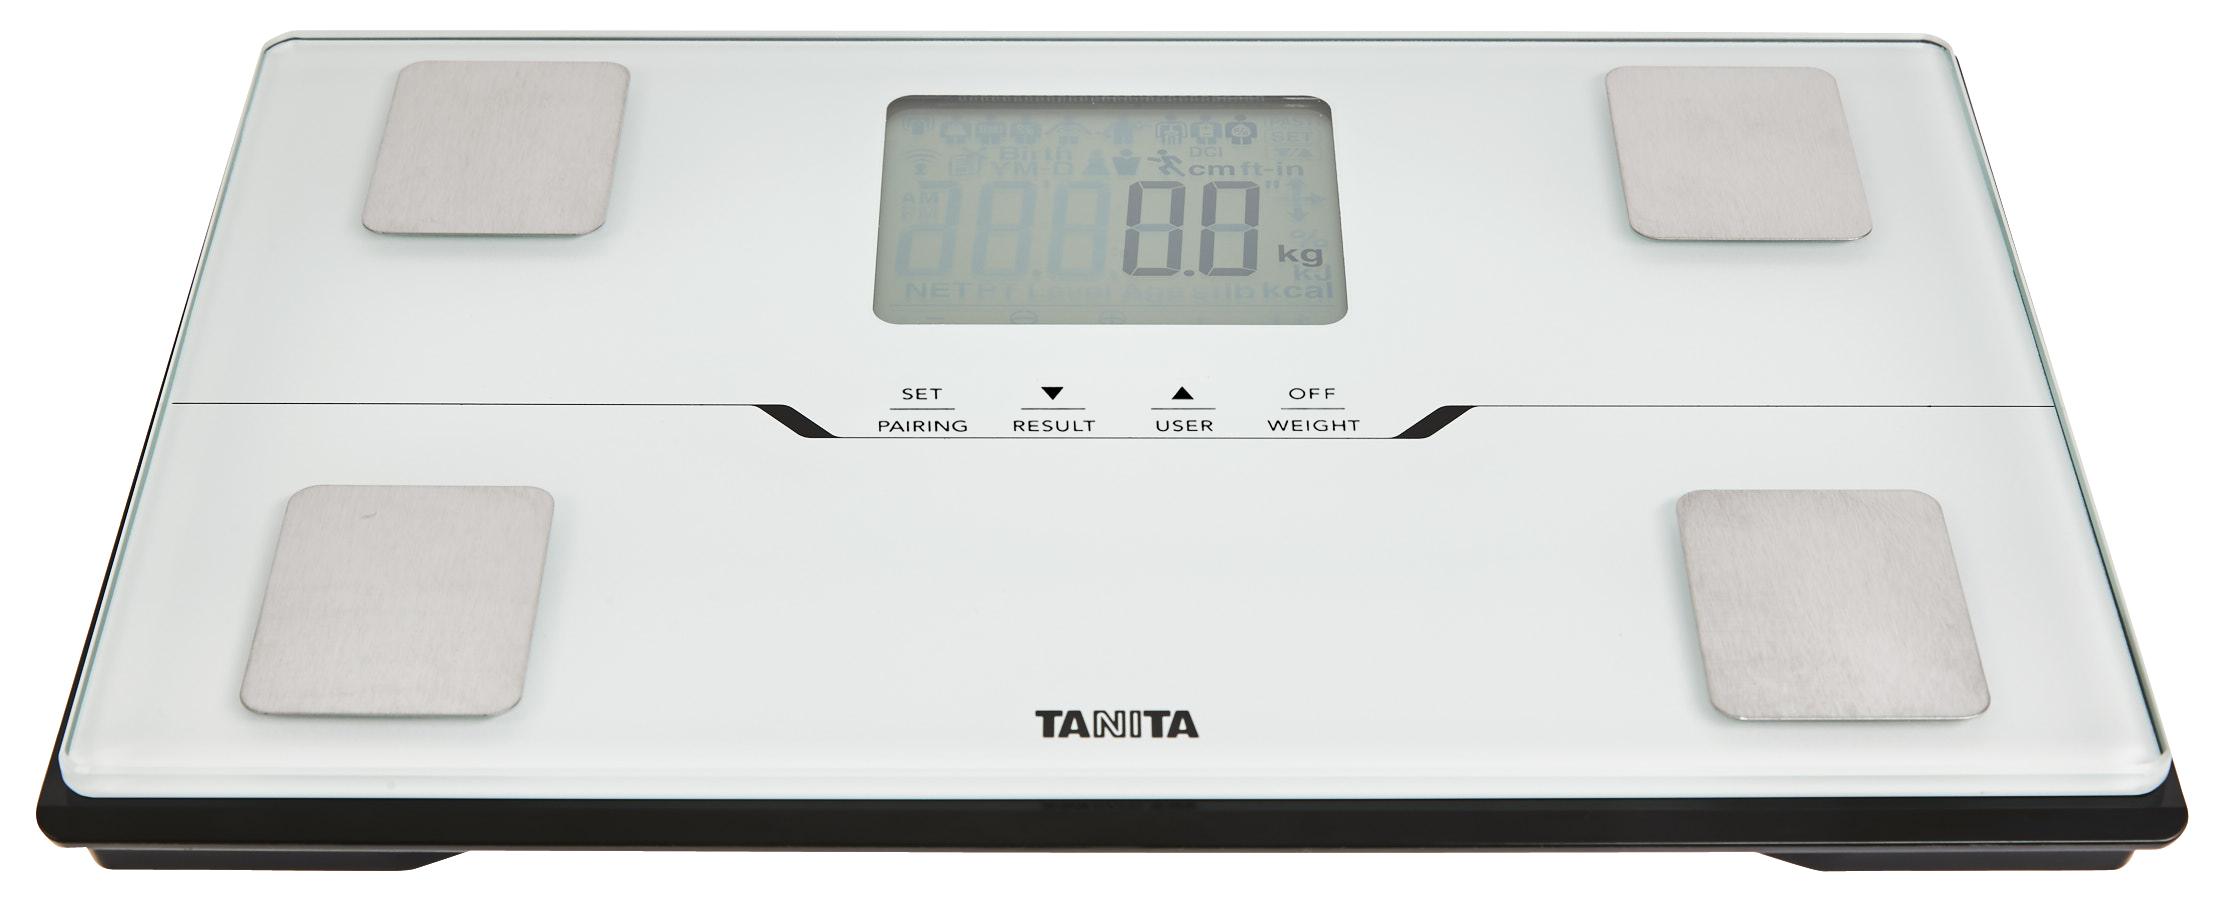 Tanita stellt Lifestyle-Analysewaage BC-401 vor